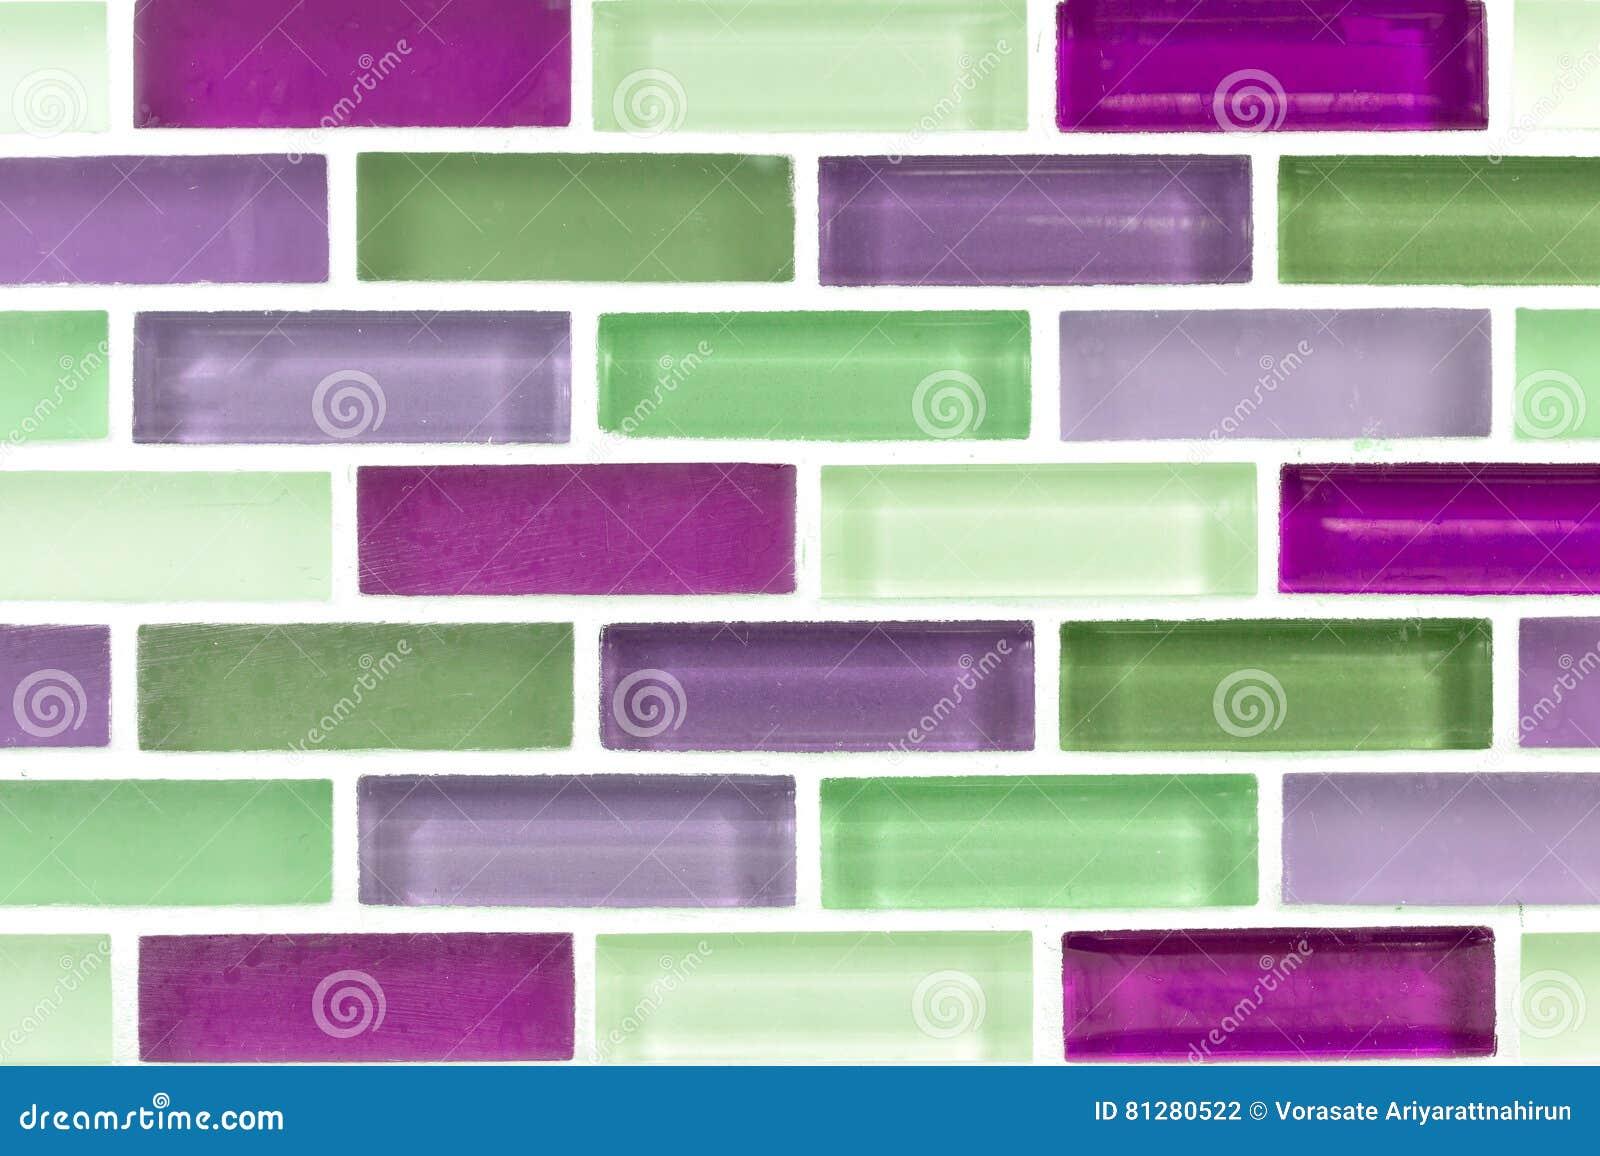 Ceramic Brick Tile Wallbackground Stock Photo Image Of Stone